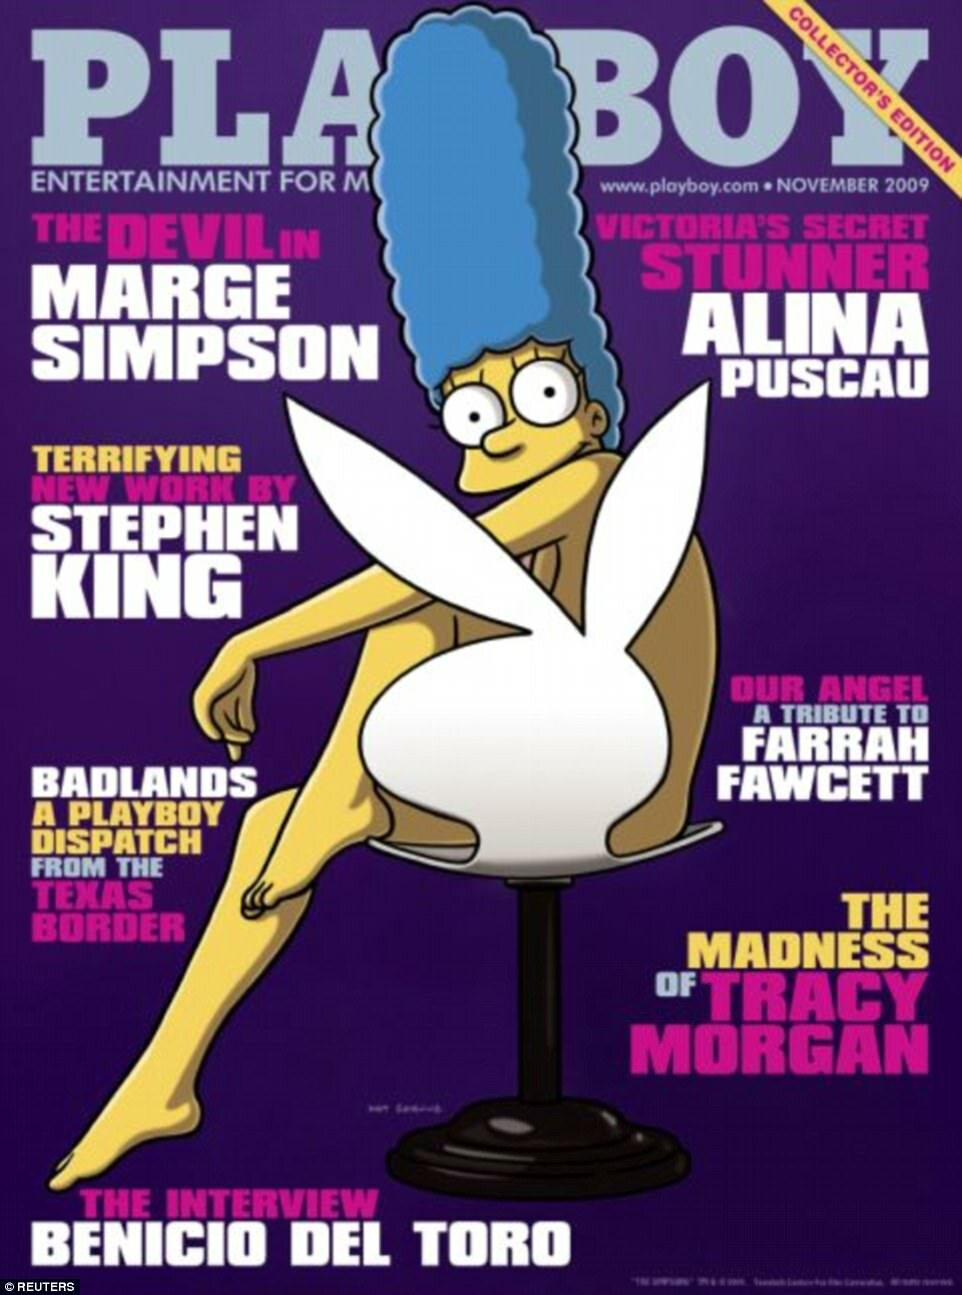 """Okładka magazynu """"Playboy"""" - listopad 2009 Marge Simpson na okładce """"Playboya"""" w ramach uczczenia 20. rocznicy """"The Simpsons""""."""